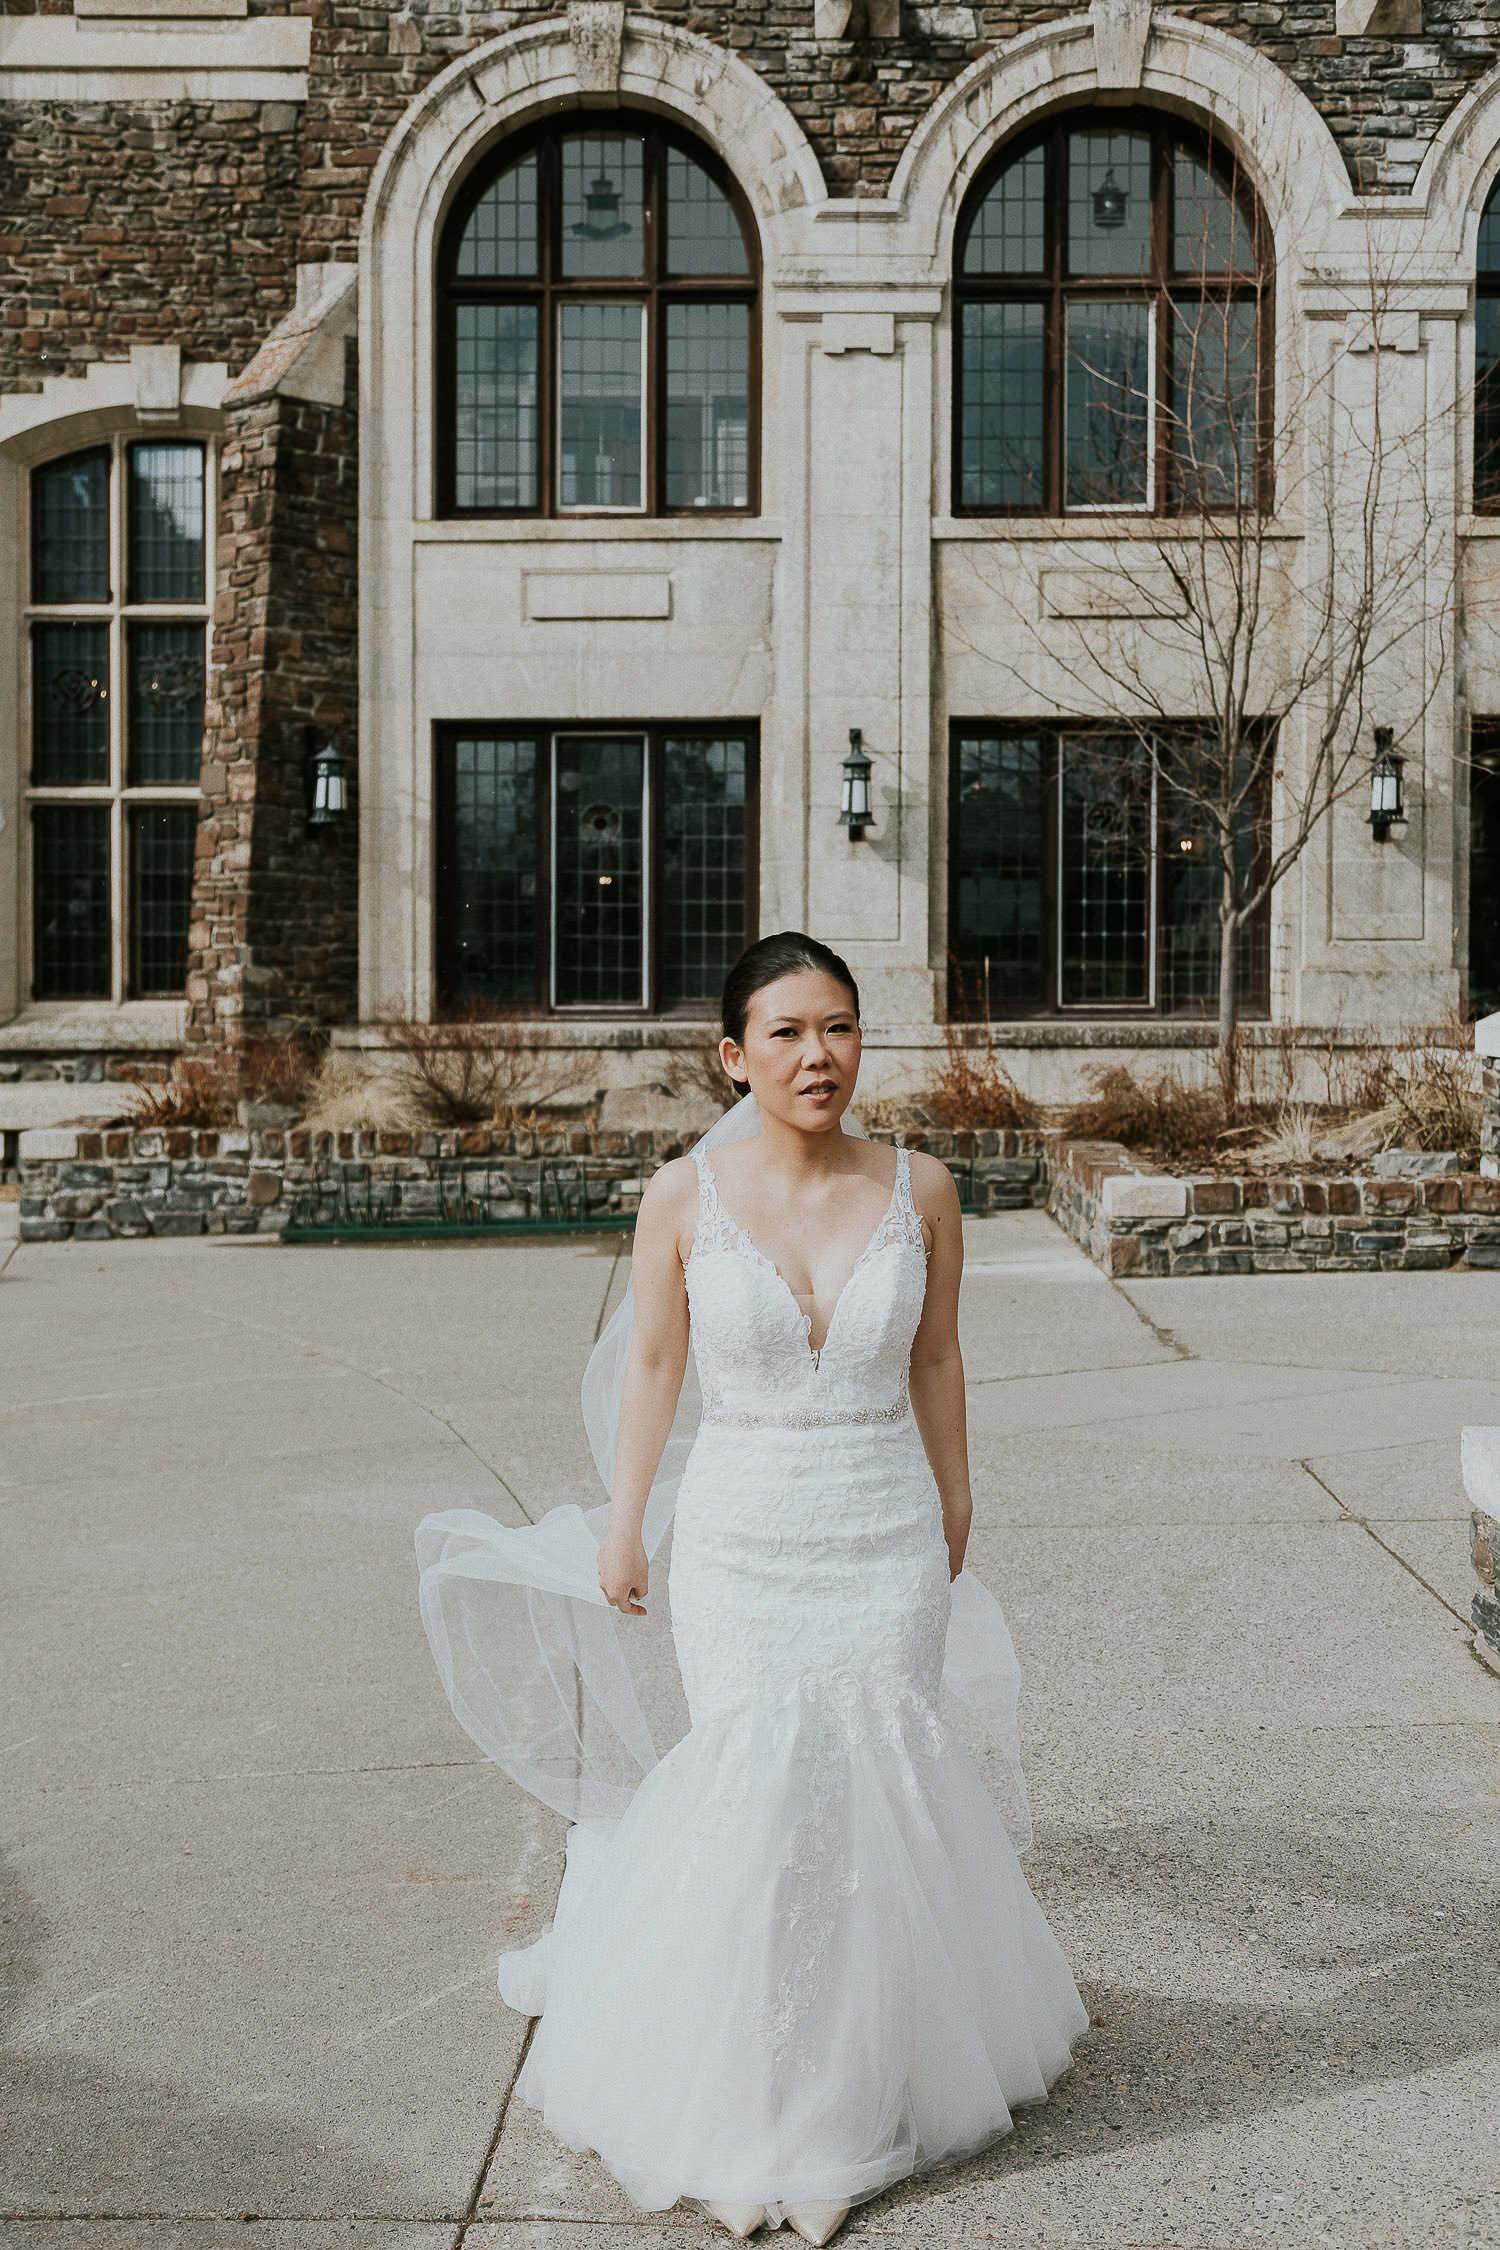 intimate-wedding-at-banff-springs-hotel-sarah-pukin-0057